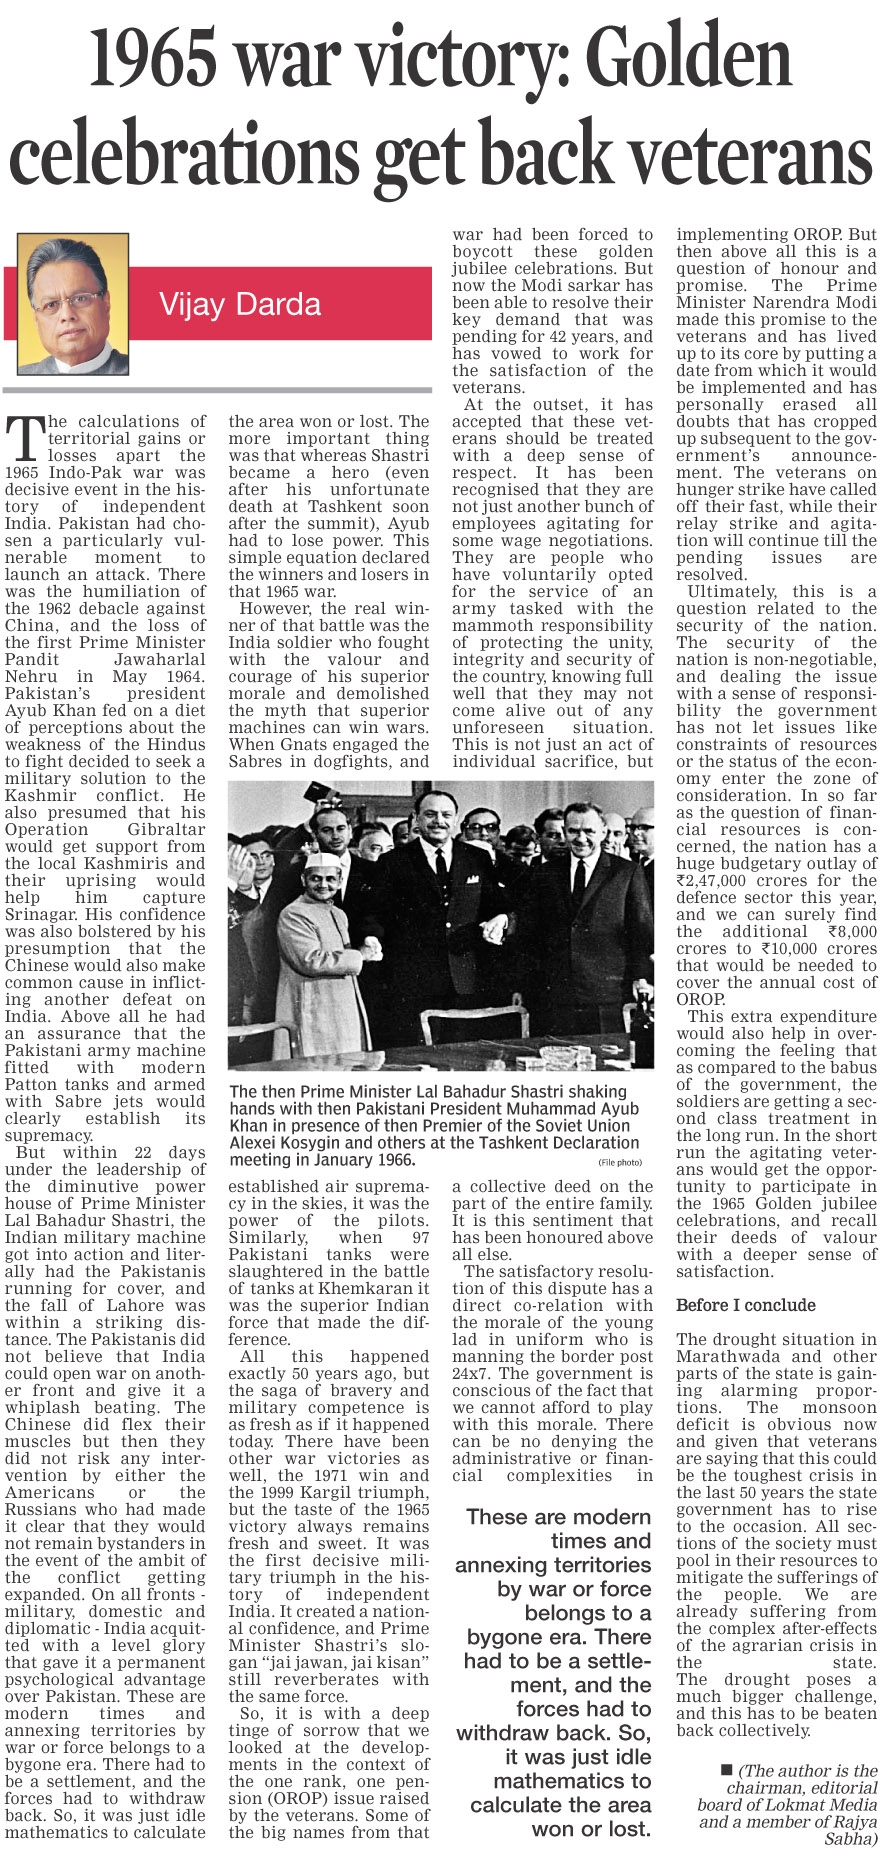 1965 war victory: Golden celebrations get back veterans